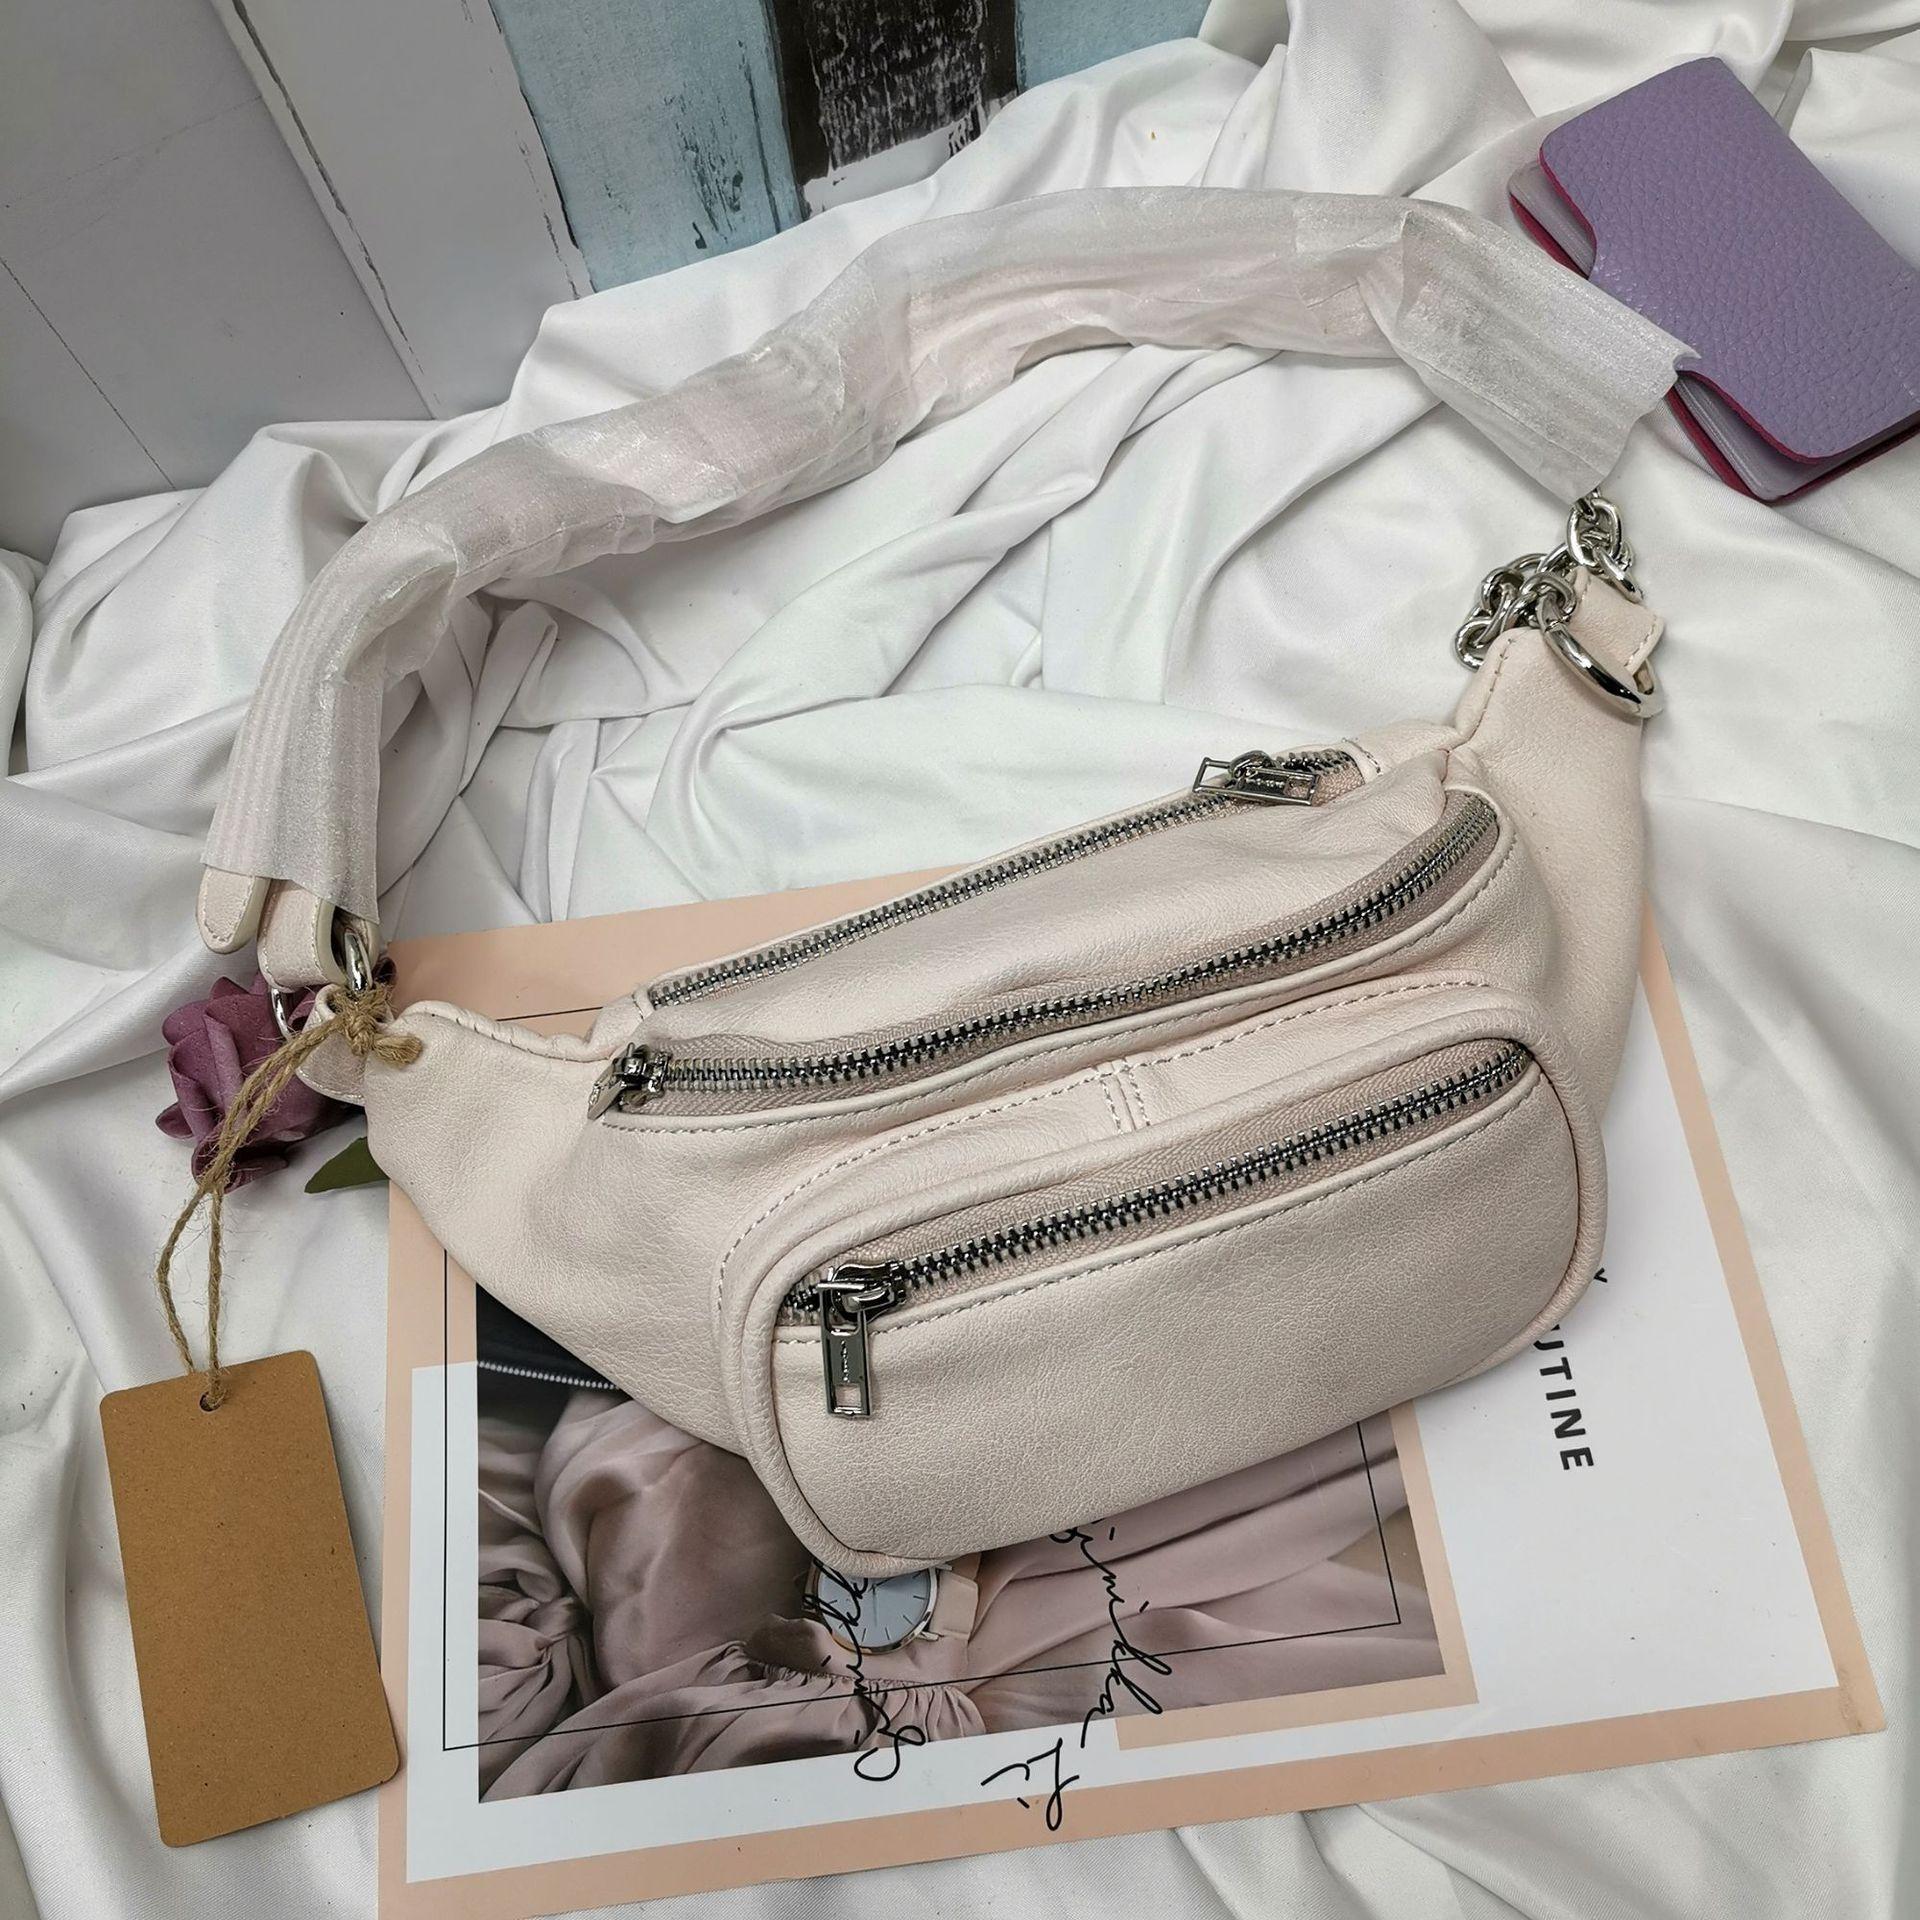 aso1U 2020 nouveau printemps l'épaule des femmes Zipper fermeture éclair BM course axillaire petit portable épaule sac sac ck Français niche 6RLs5